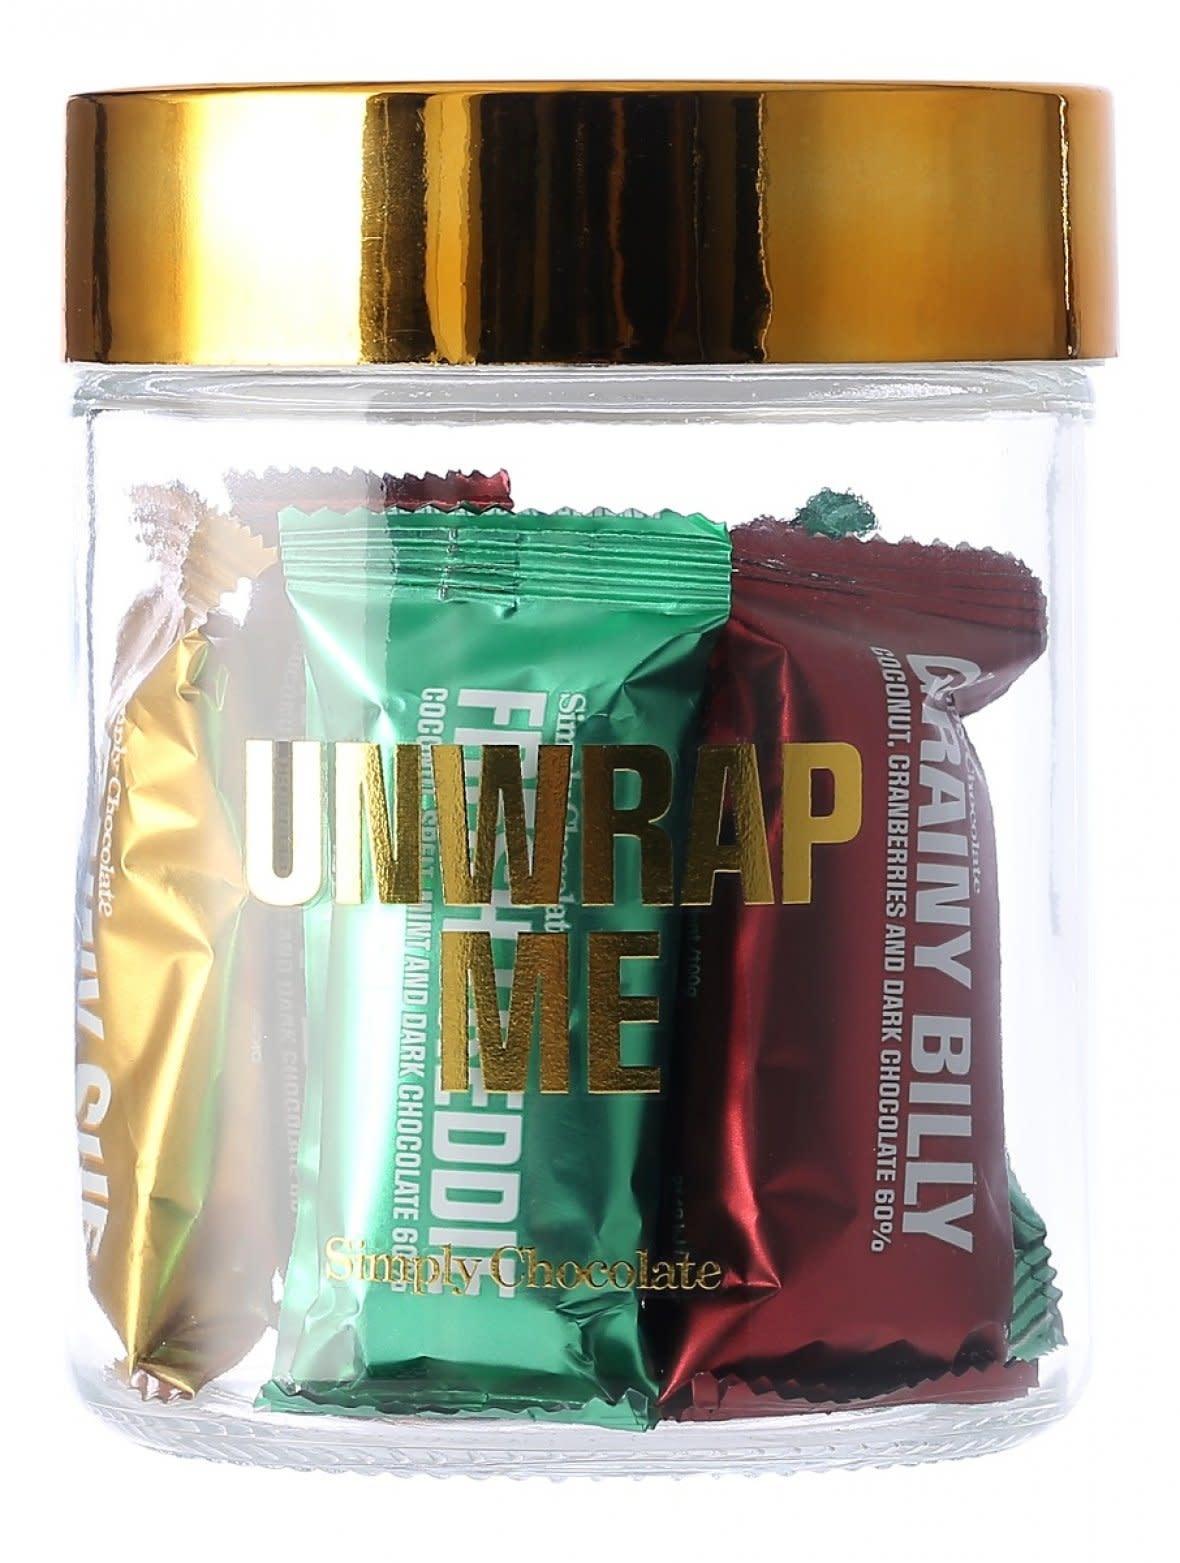 Simply Chocolate Simply Chocolate jar 11 bars  'Unwrap me'